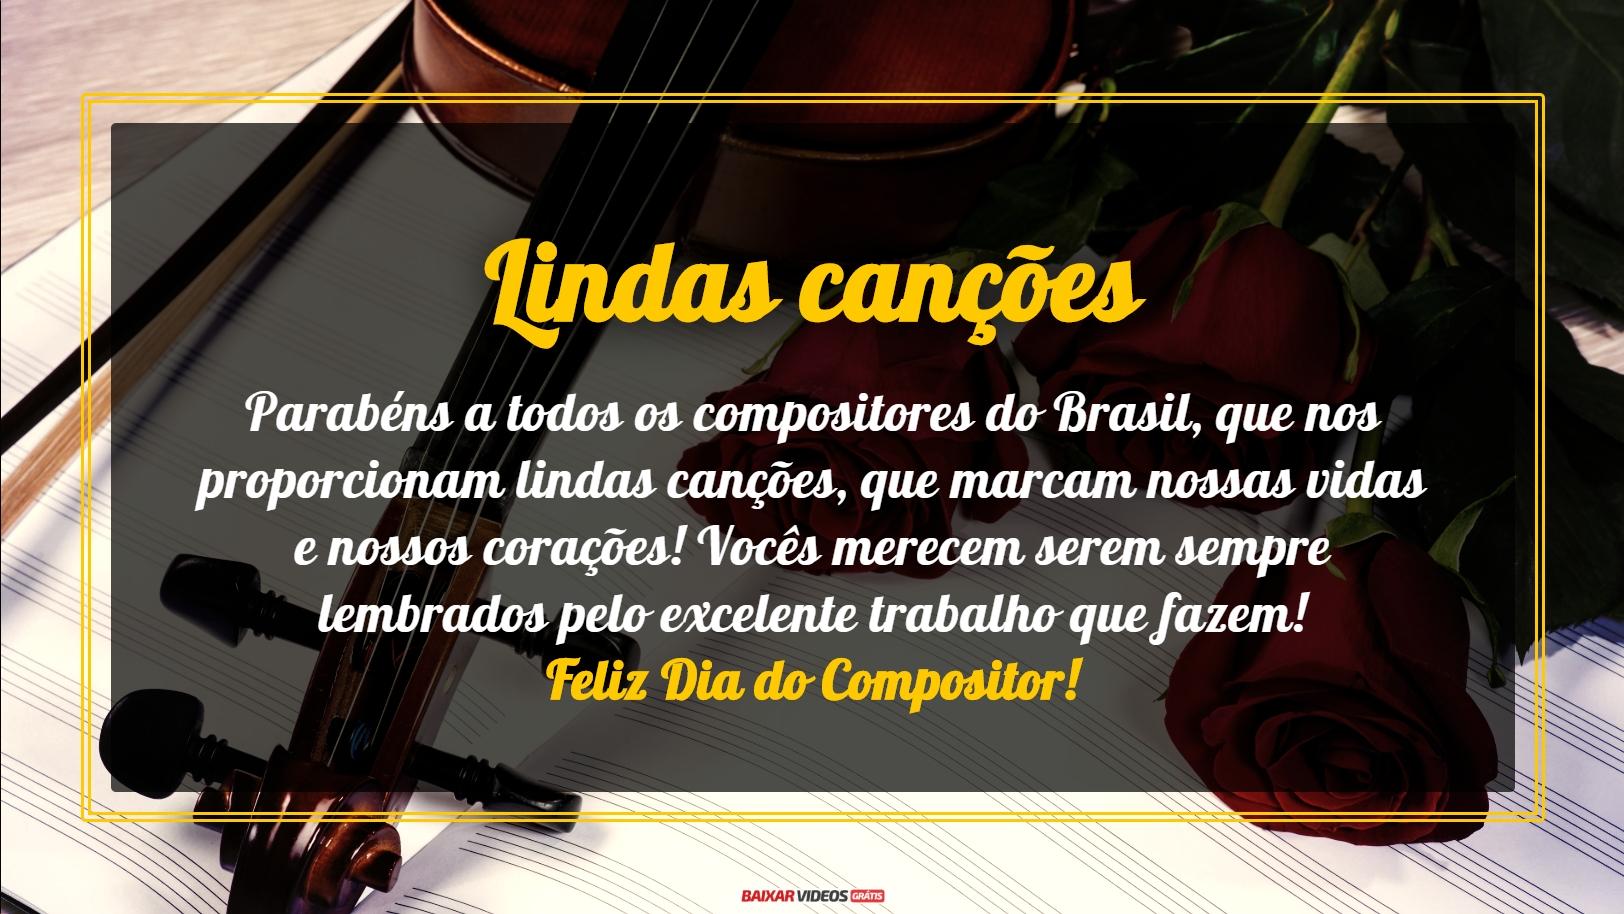 Parabéns a todos os compositores do Brasil, que nos proporcionam lindas canções, que marcam nossas vidas e nossos corações! Vocês merecem serem sempre lembrados pelo excelente trabalho que fazem! Feliz Dia do Compositor!